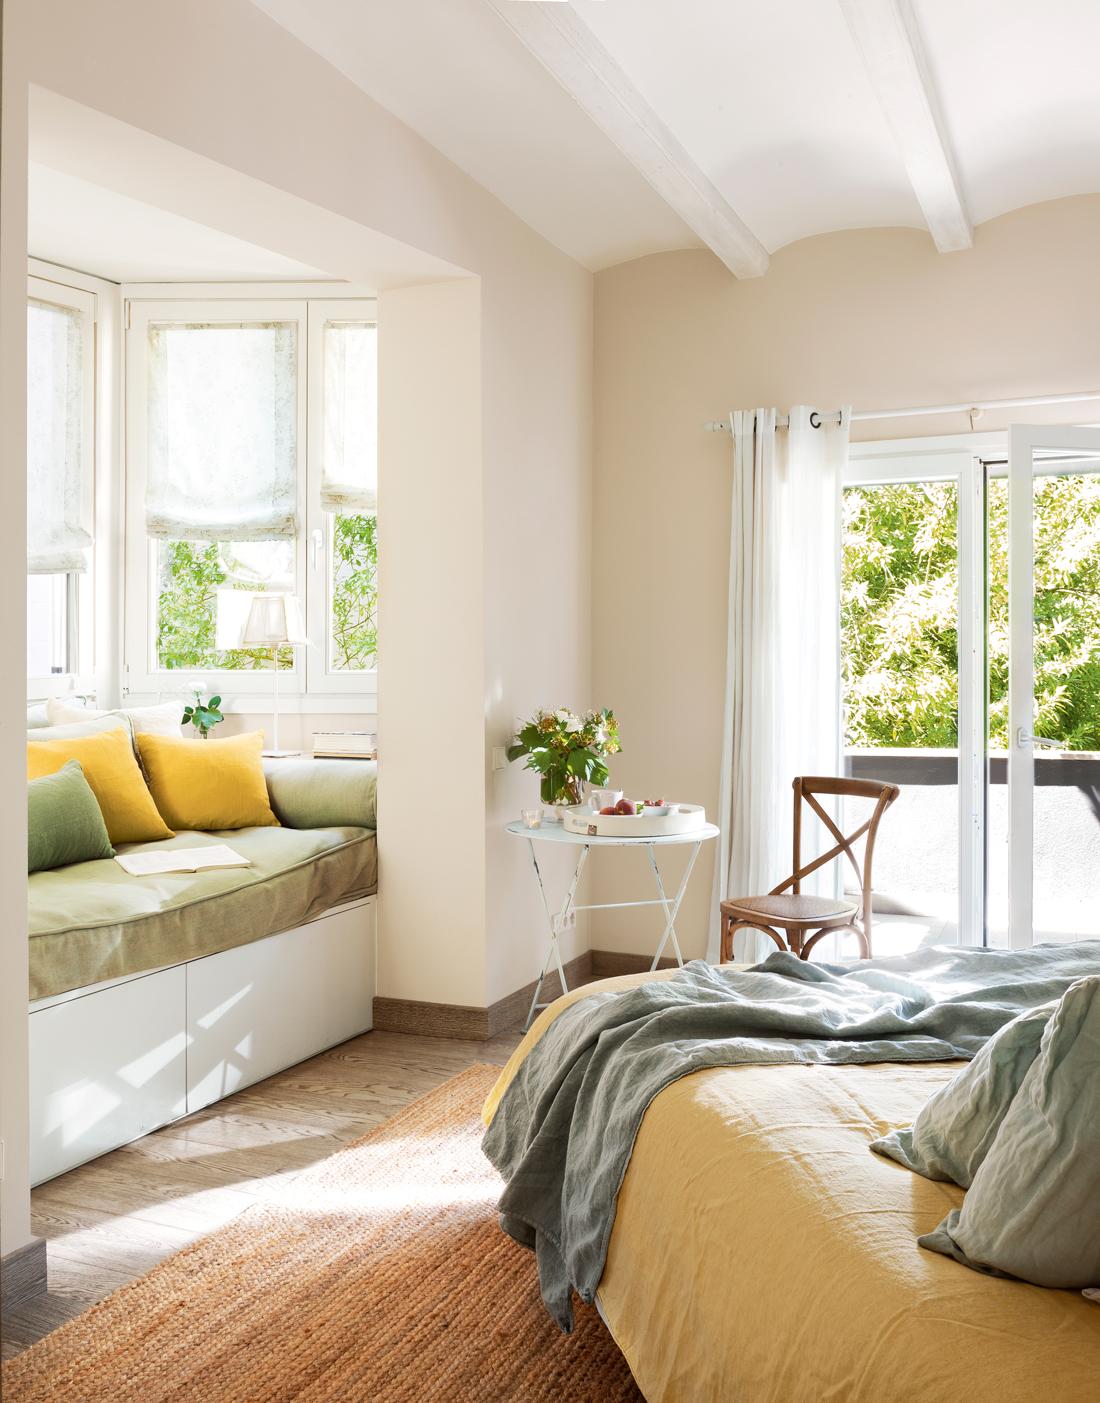 00409155. Dormitorio con banco bajo la ventana y cojines en verde y amarillo 00409155